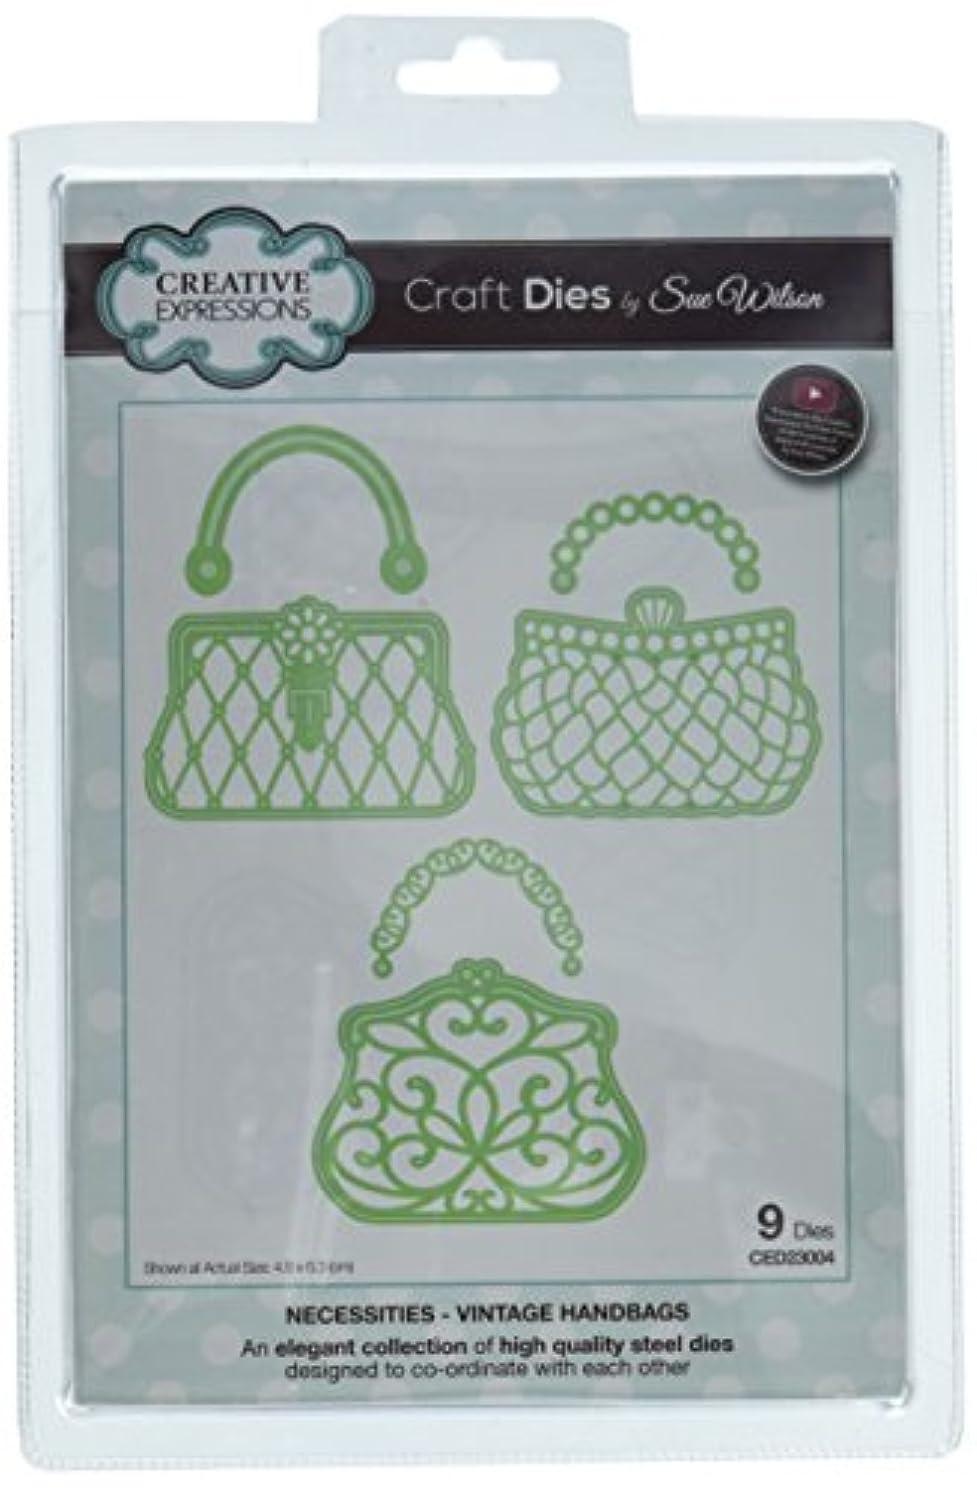 Sue Wilson CED23004 Necessities Collection Vintage Handbags Die